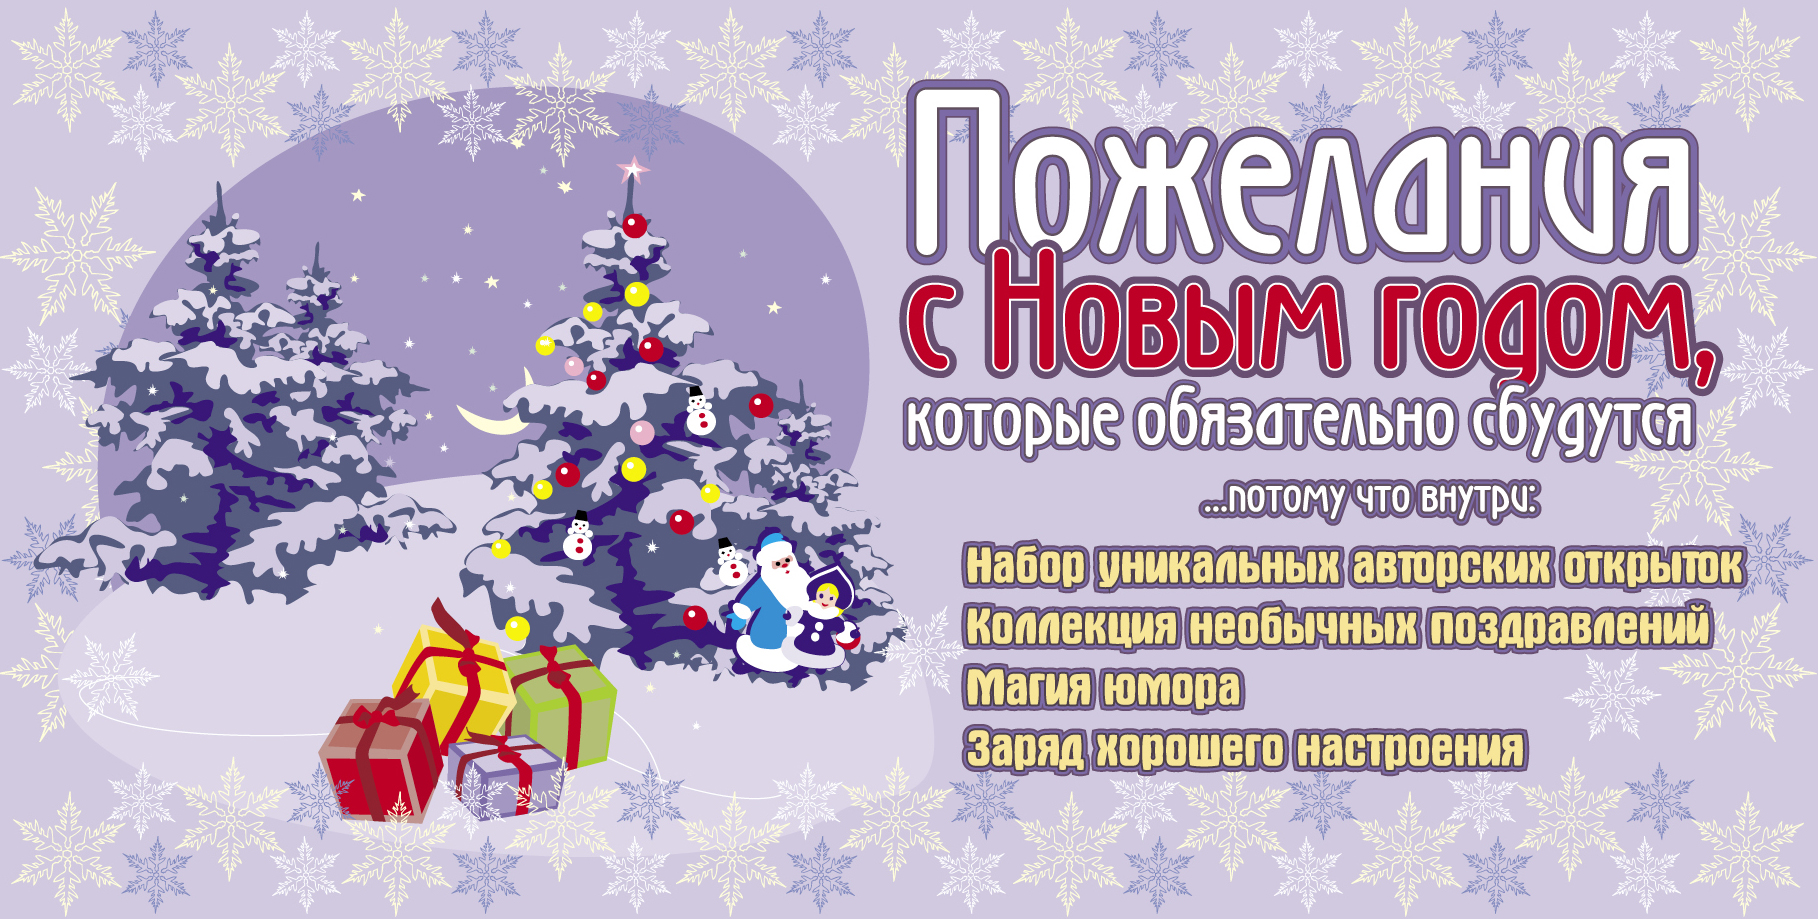 Пожелания с Новым годом, которые обязательно сбудутся